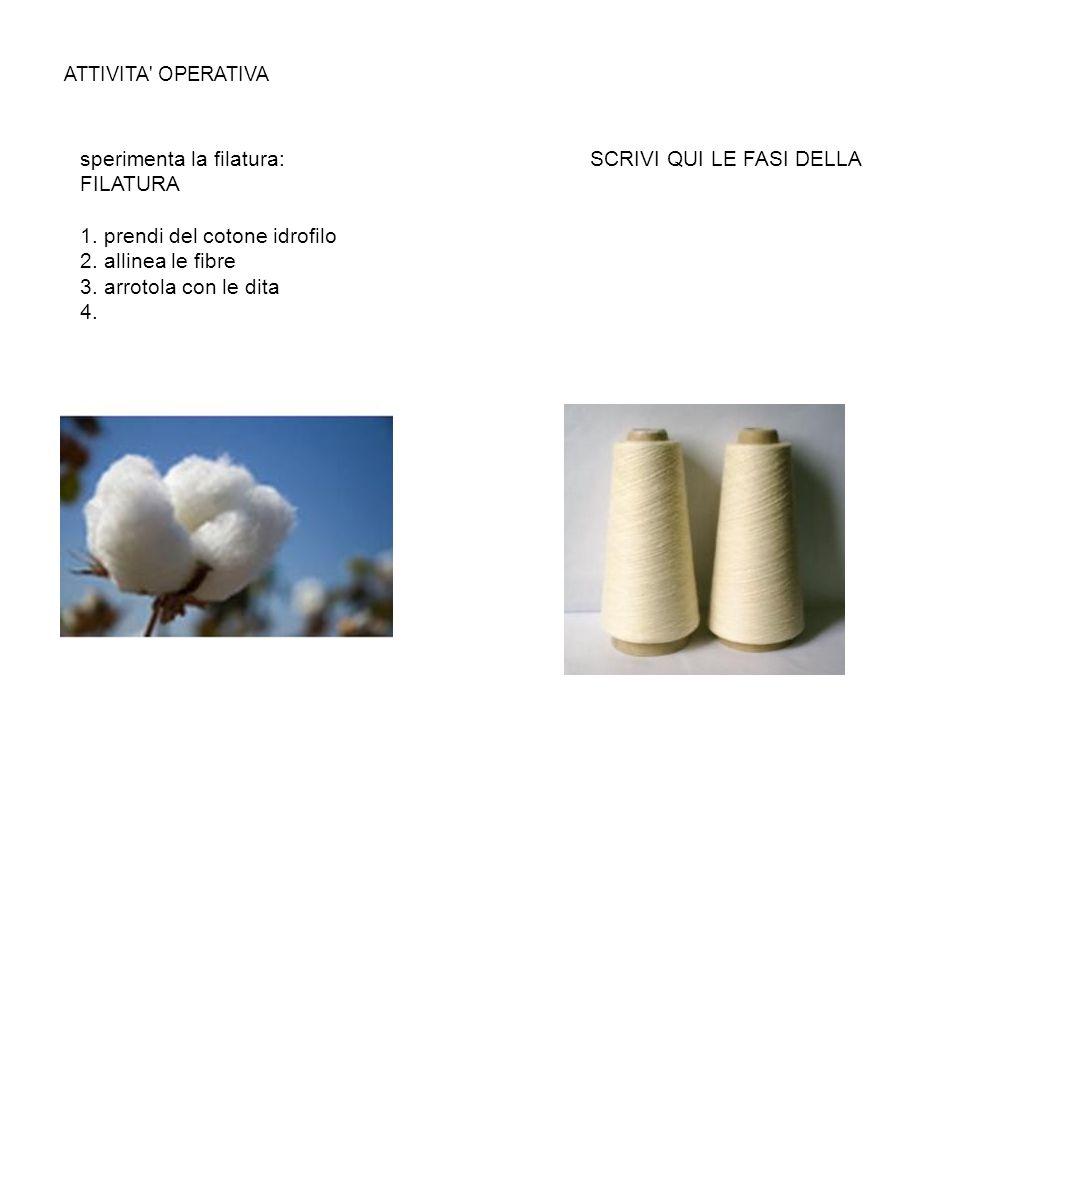 sperimenta la filatura: SCRIVI QUI LE FASI DELLA FILATURA